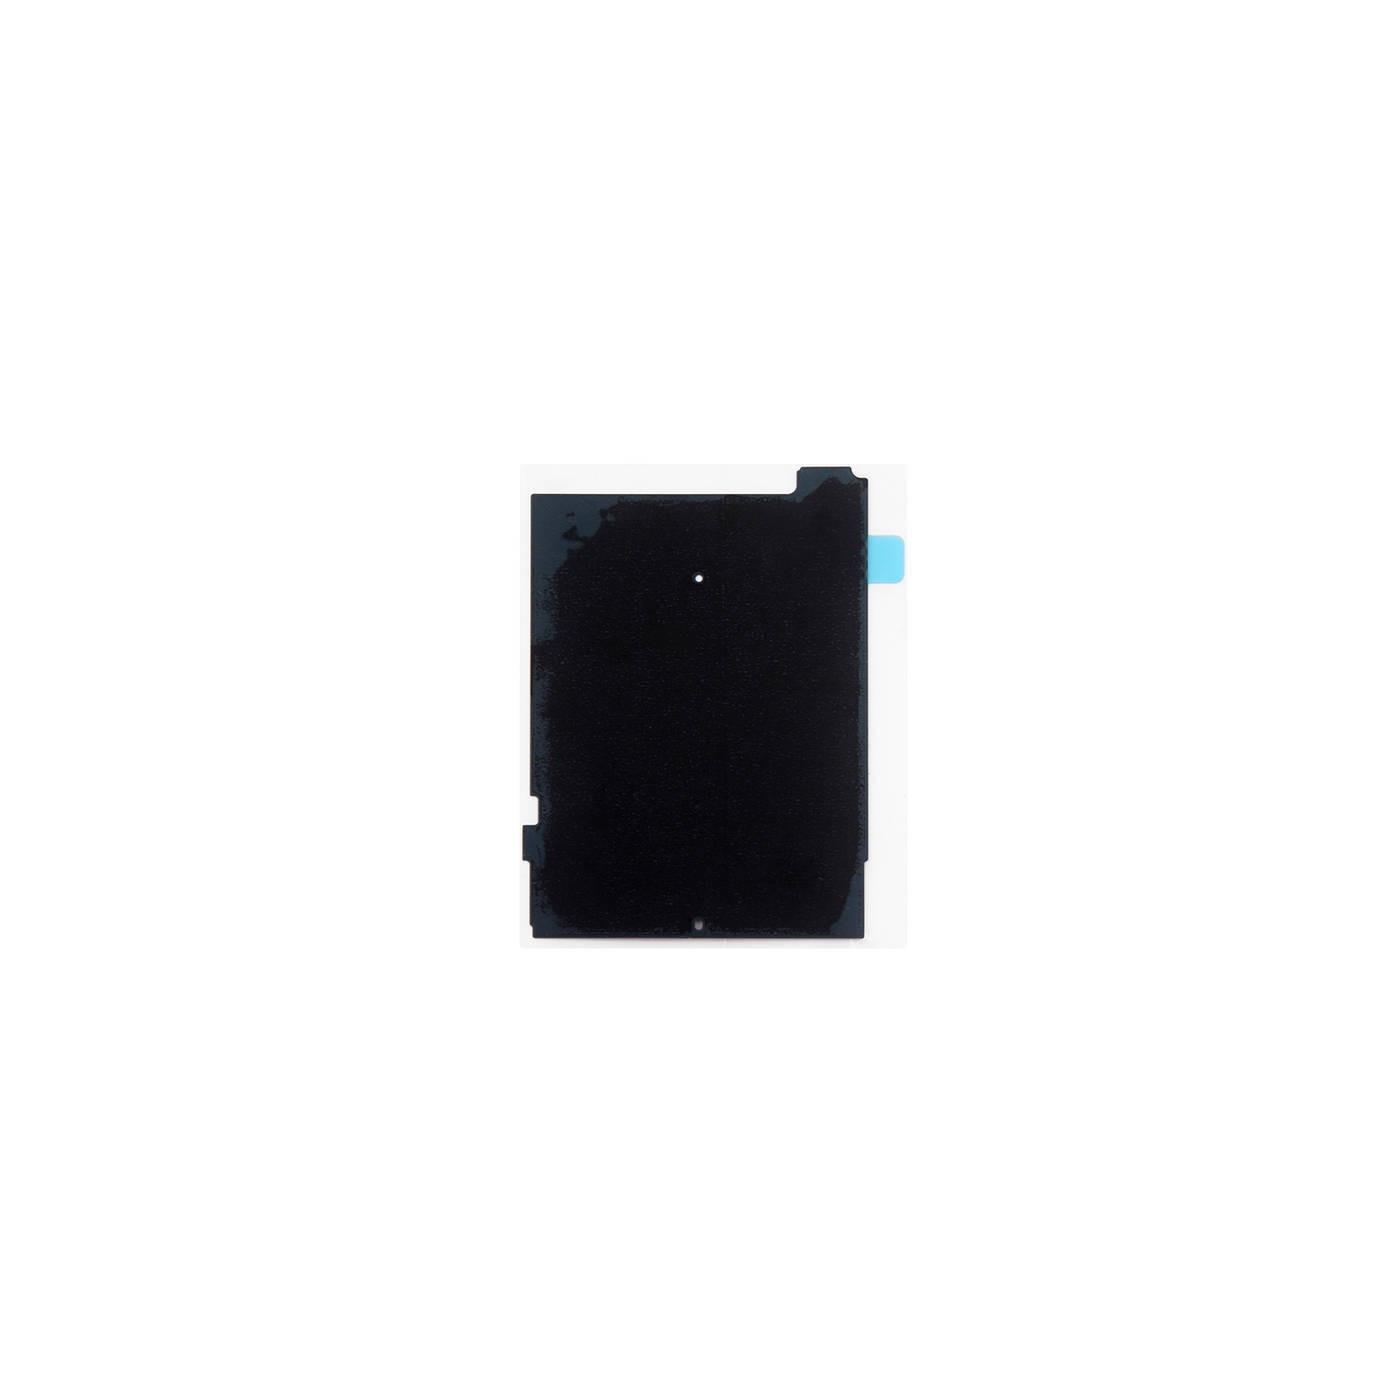 Telaio supporto lcd display per Iphone 6 plus metallo anti statico anti calore